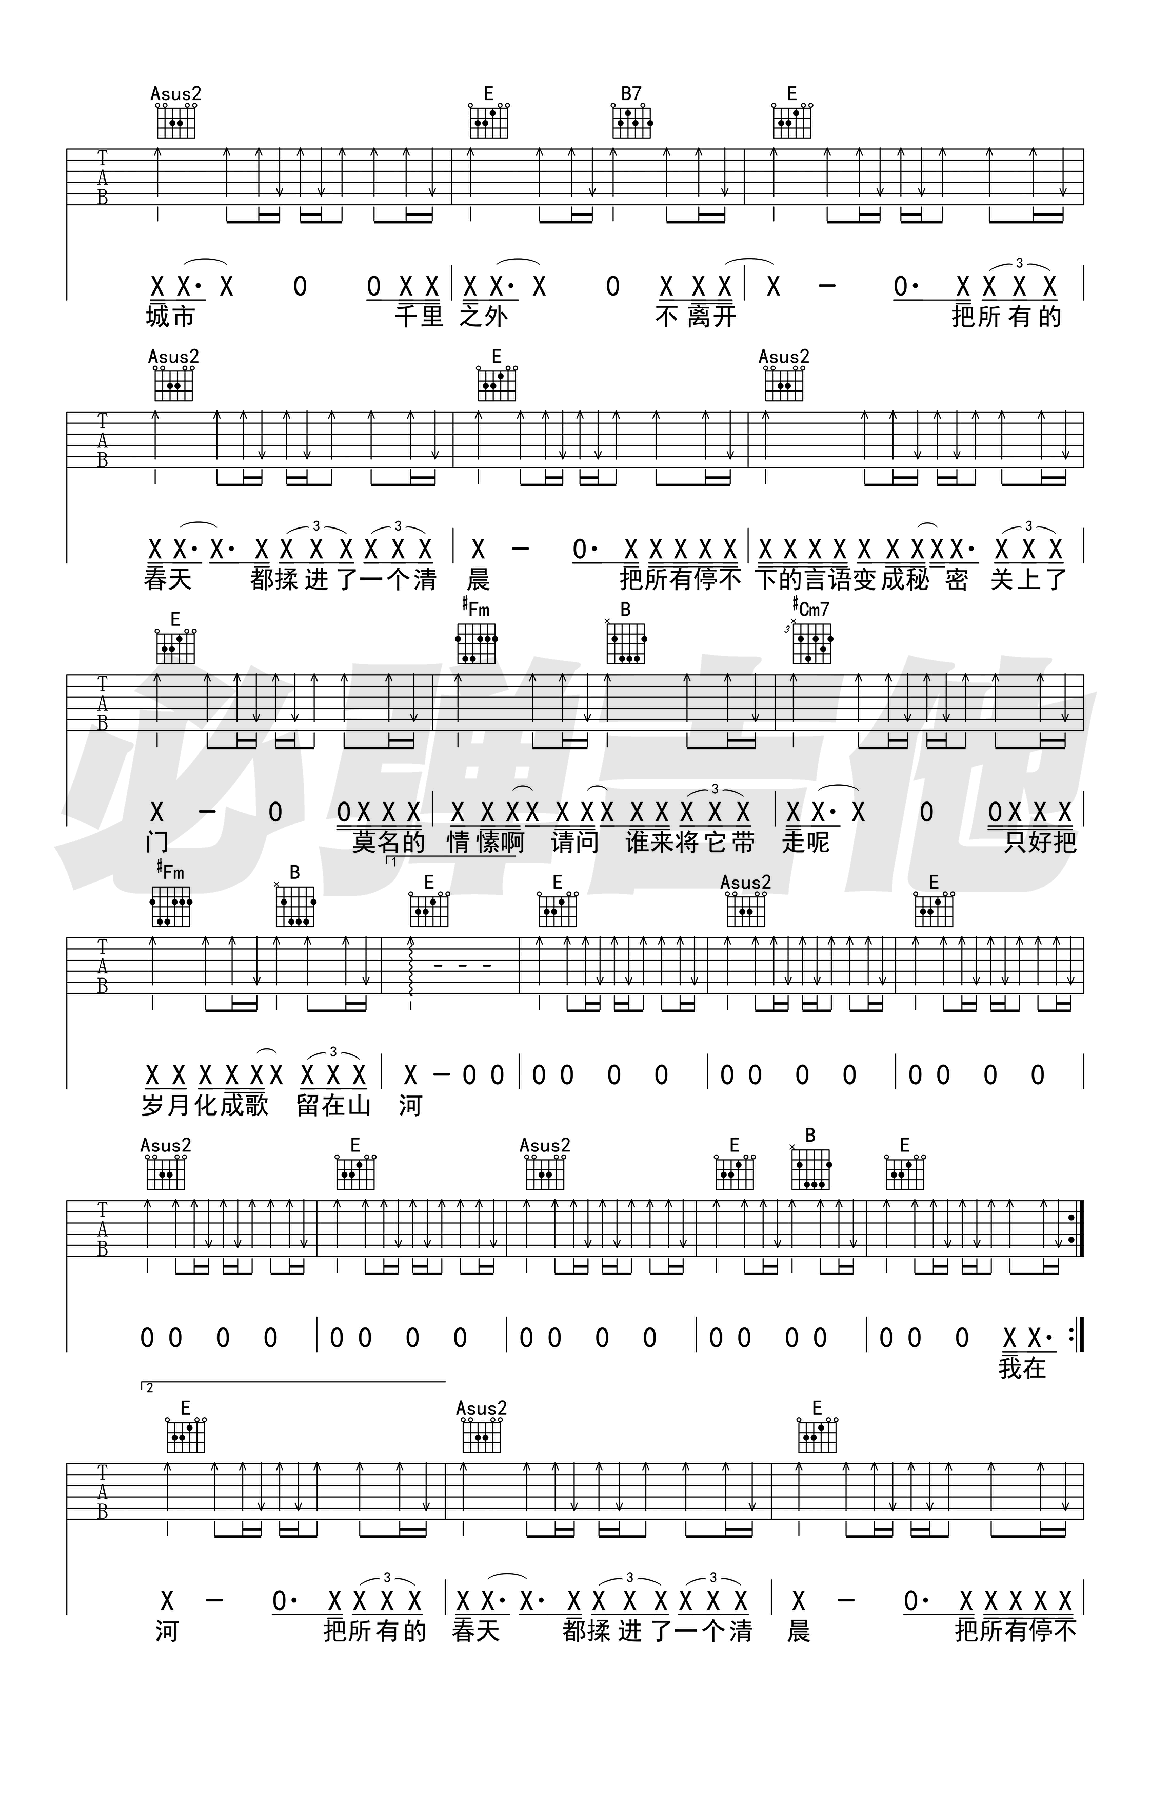 鹿先森乐队-春风十里吉他谱-2